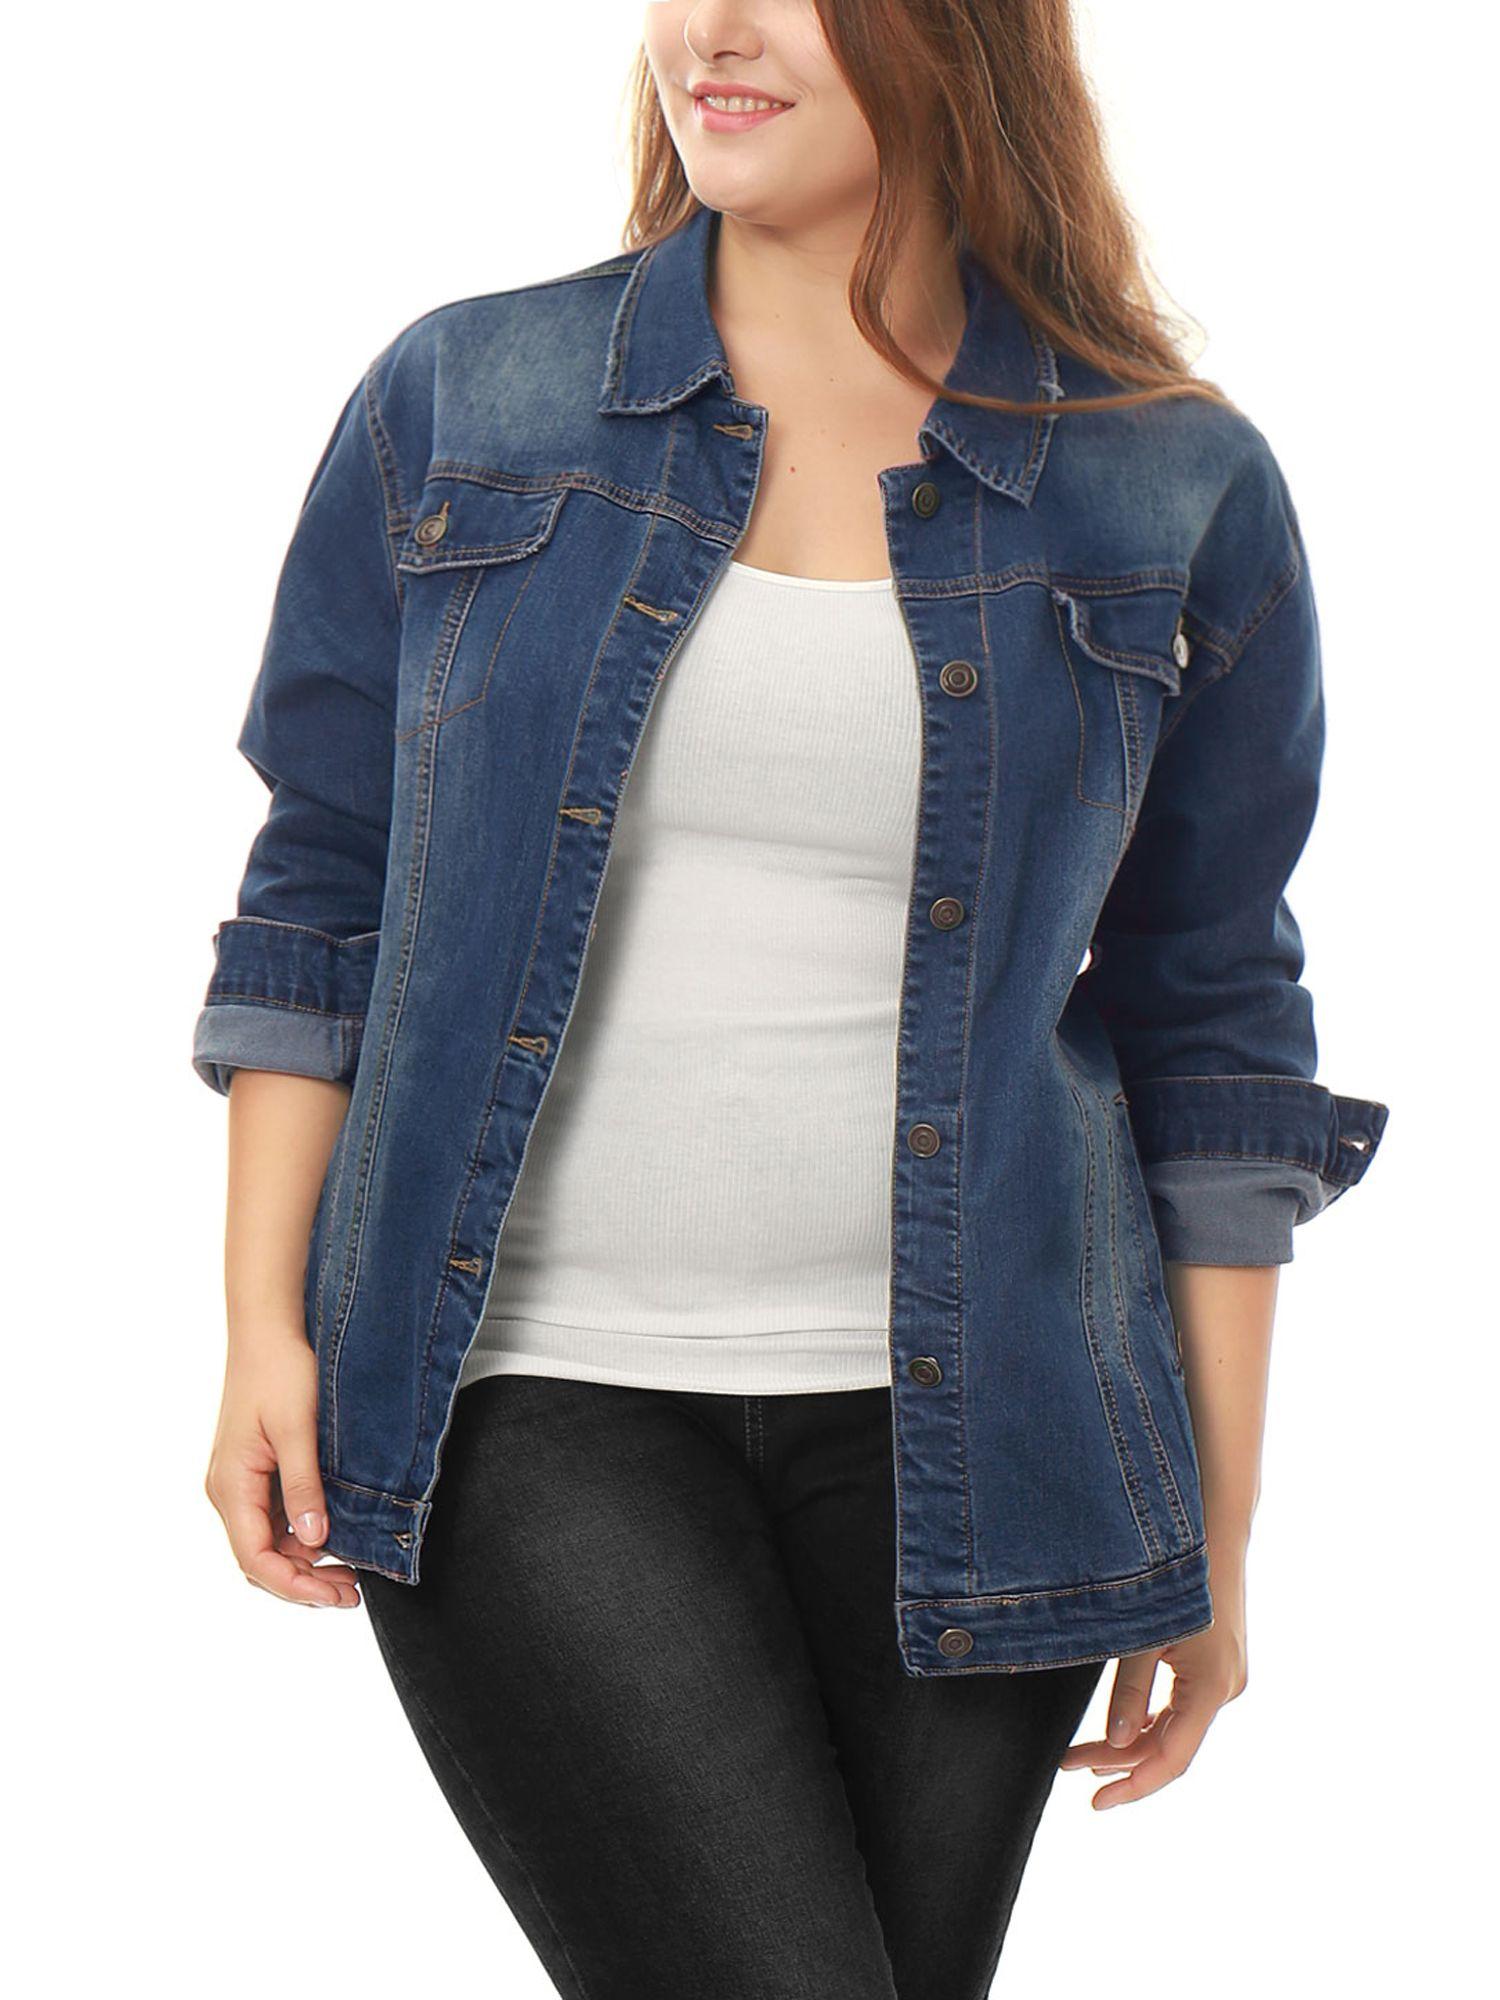 Unique Bargains Women S Plus Size Long Sleeve Button Front Washed Denim Jacket Walmart Com Denim Jacket Women Denim Women Womens Black Jacket [ 2000 x 1500 Pixel ]